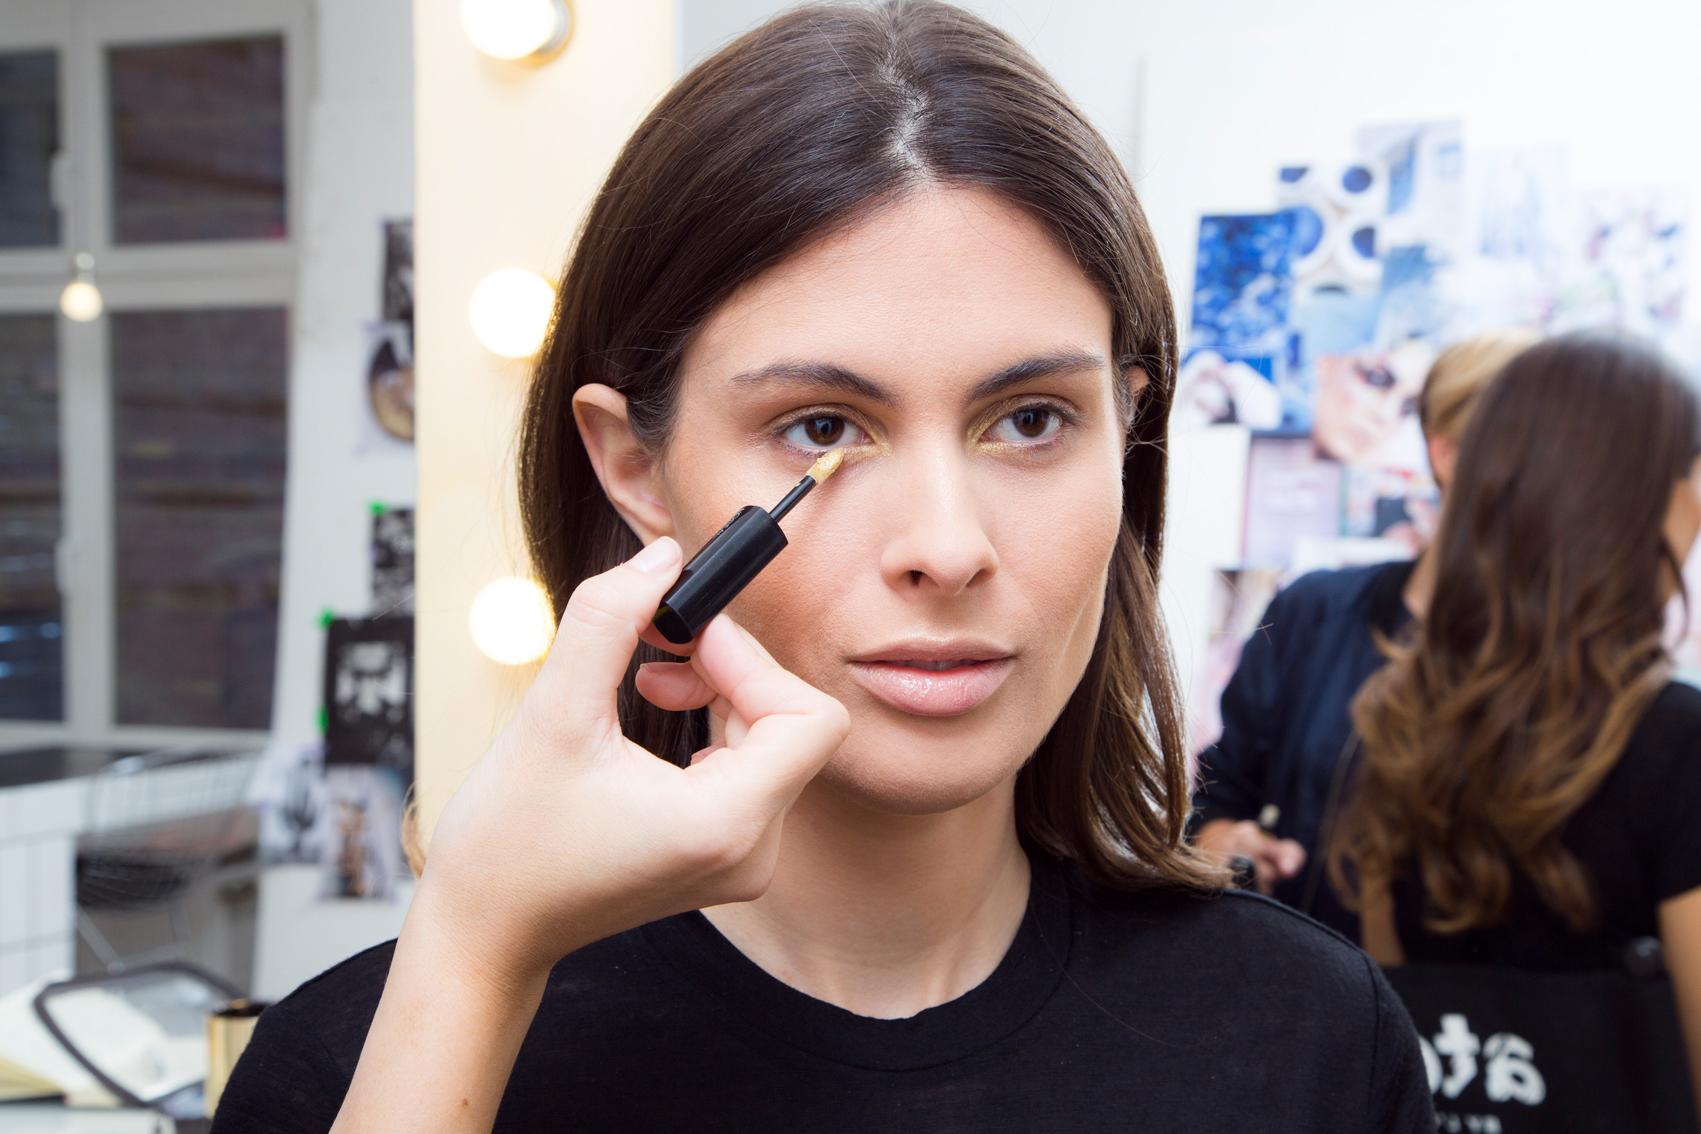 STEP 4 - Dann benutze ich den Eye Paint Creme Eyeshadow in 201 Golden Eye und trage ihn in den Augenwinkeln auf. Zunächst das Produkt platzieren und dann hinterher mit den Fingern leicht schattieren.